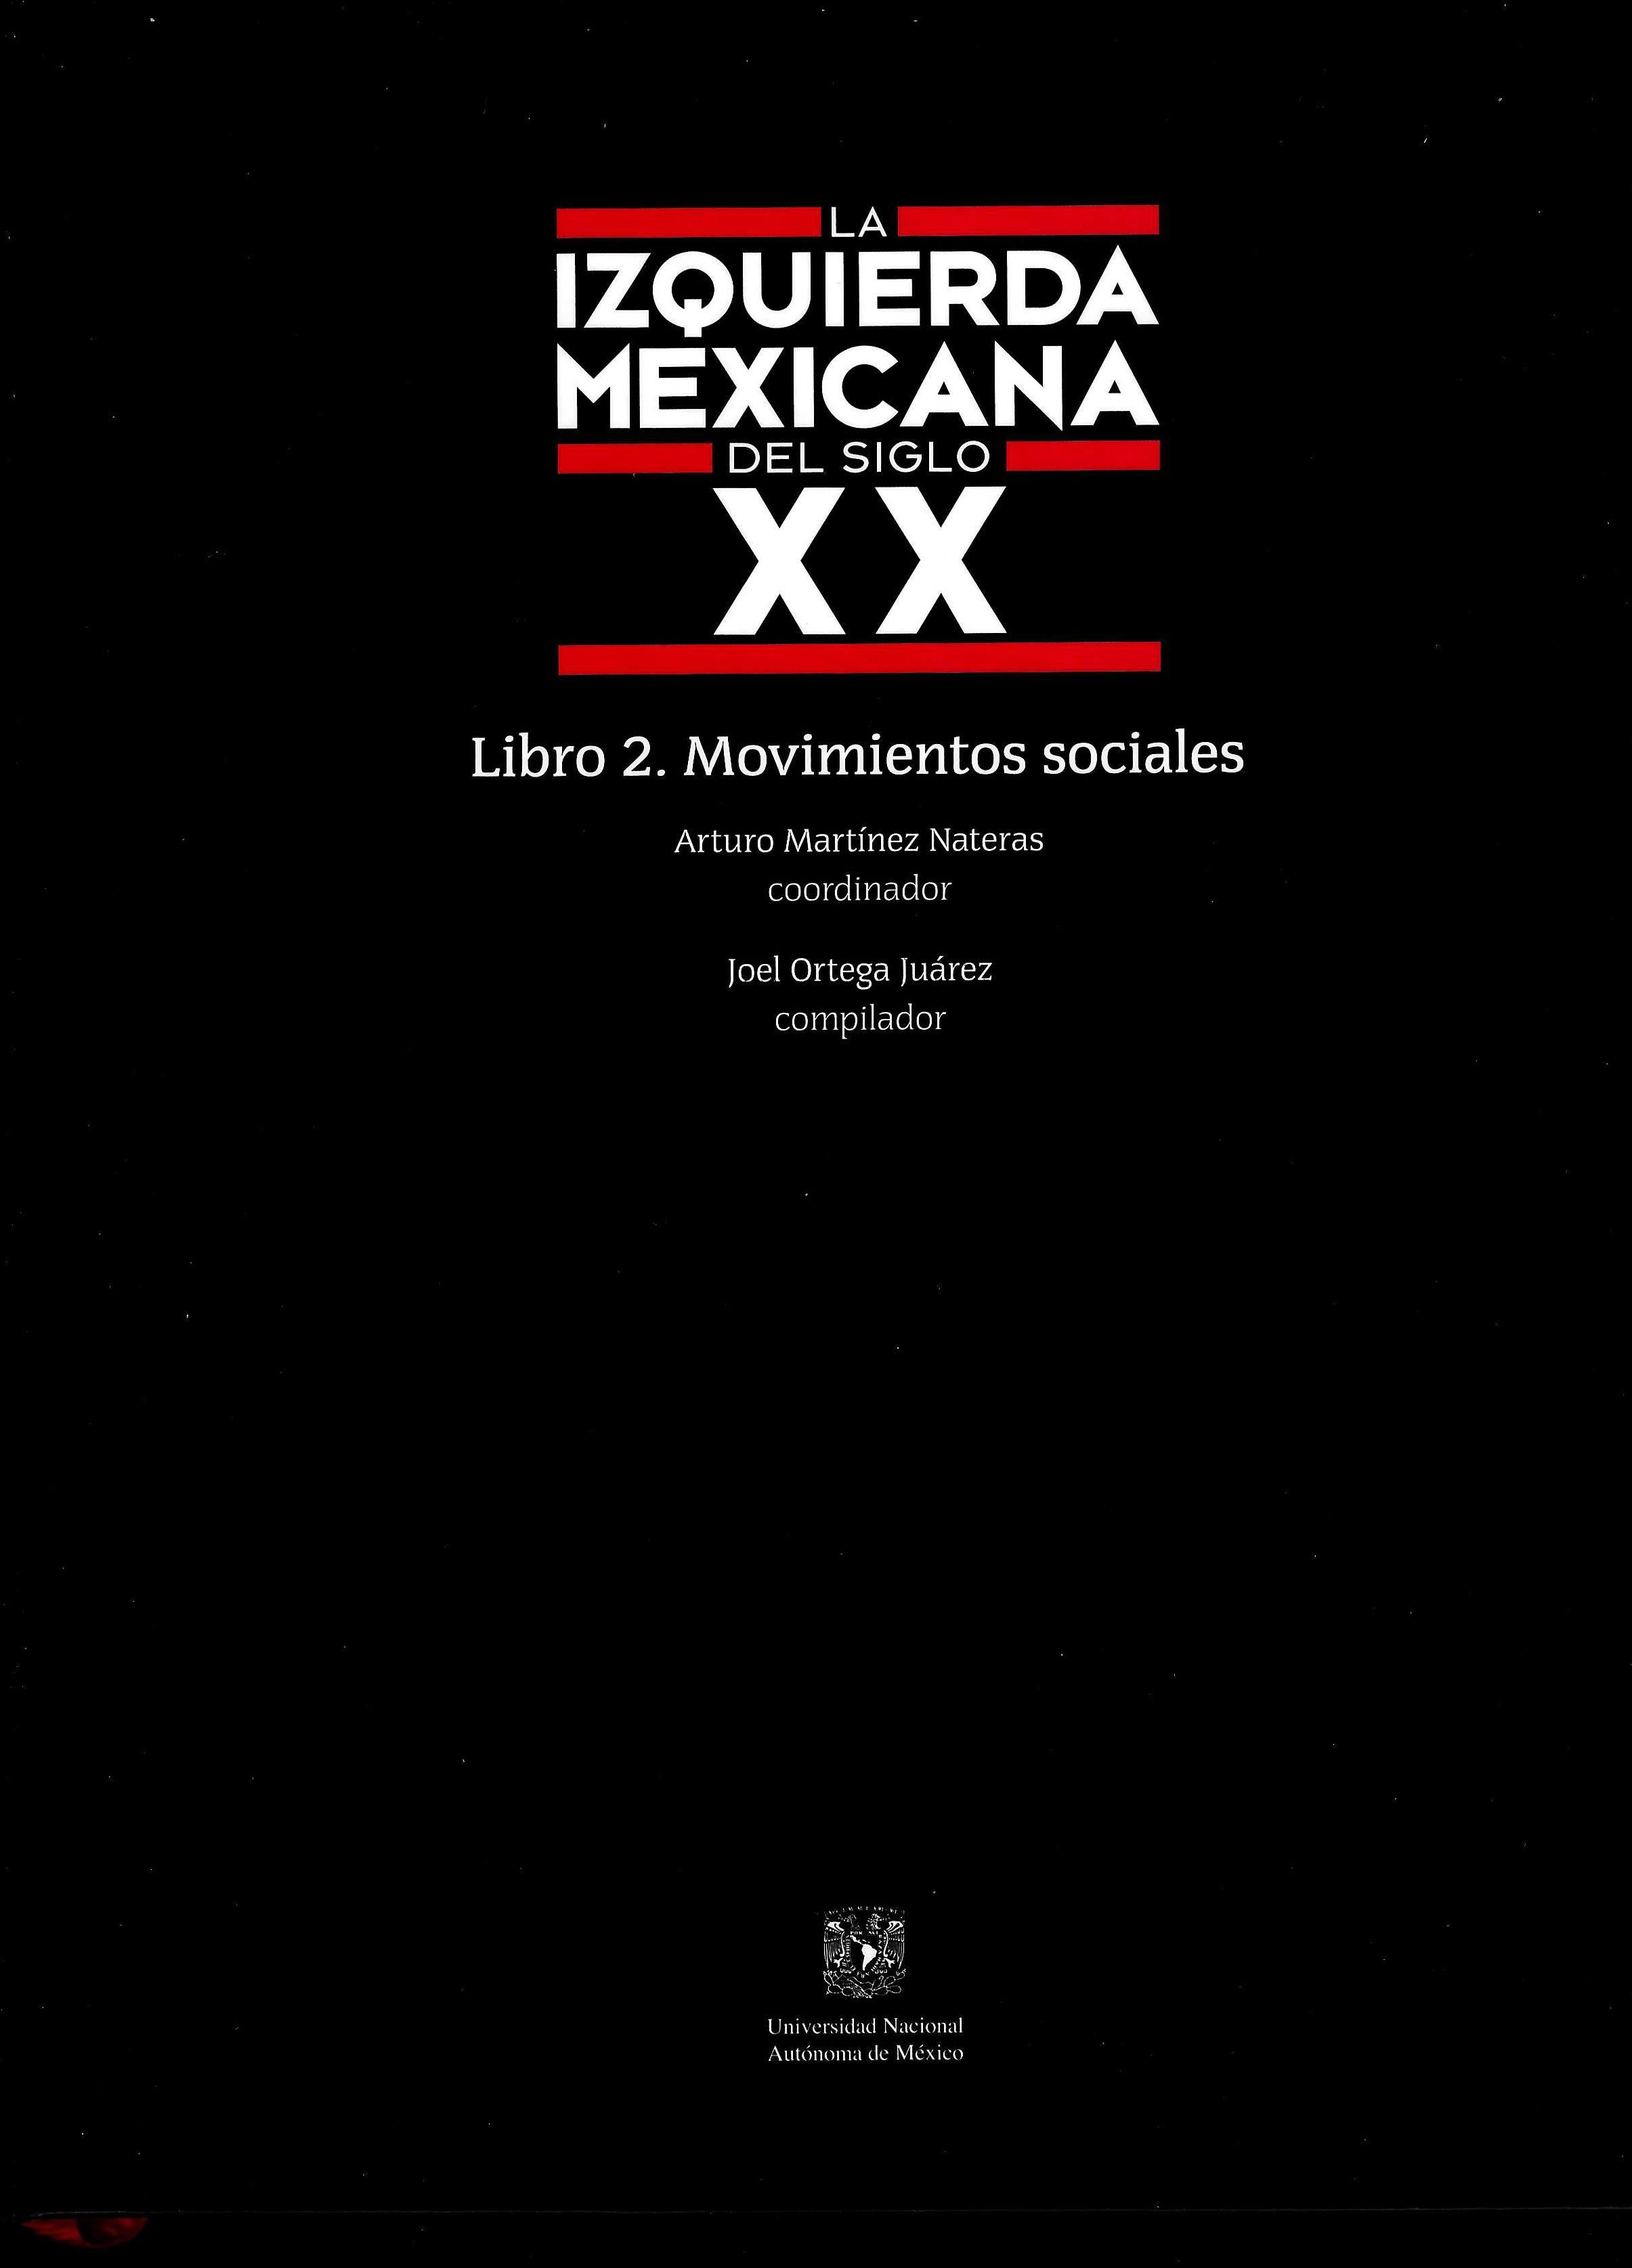 La izquierda mexicana del siglo XX. Libro 2 Movimientos sociales